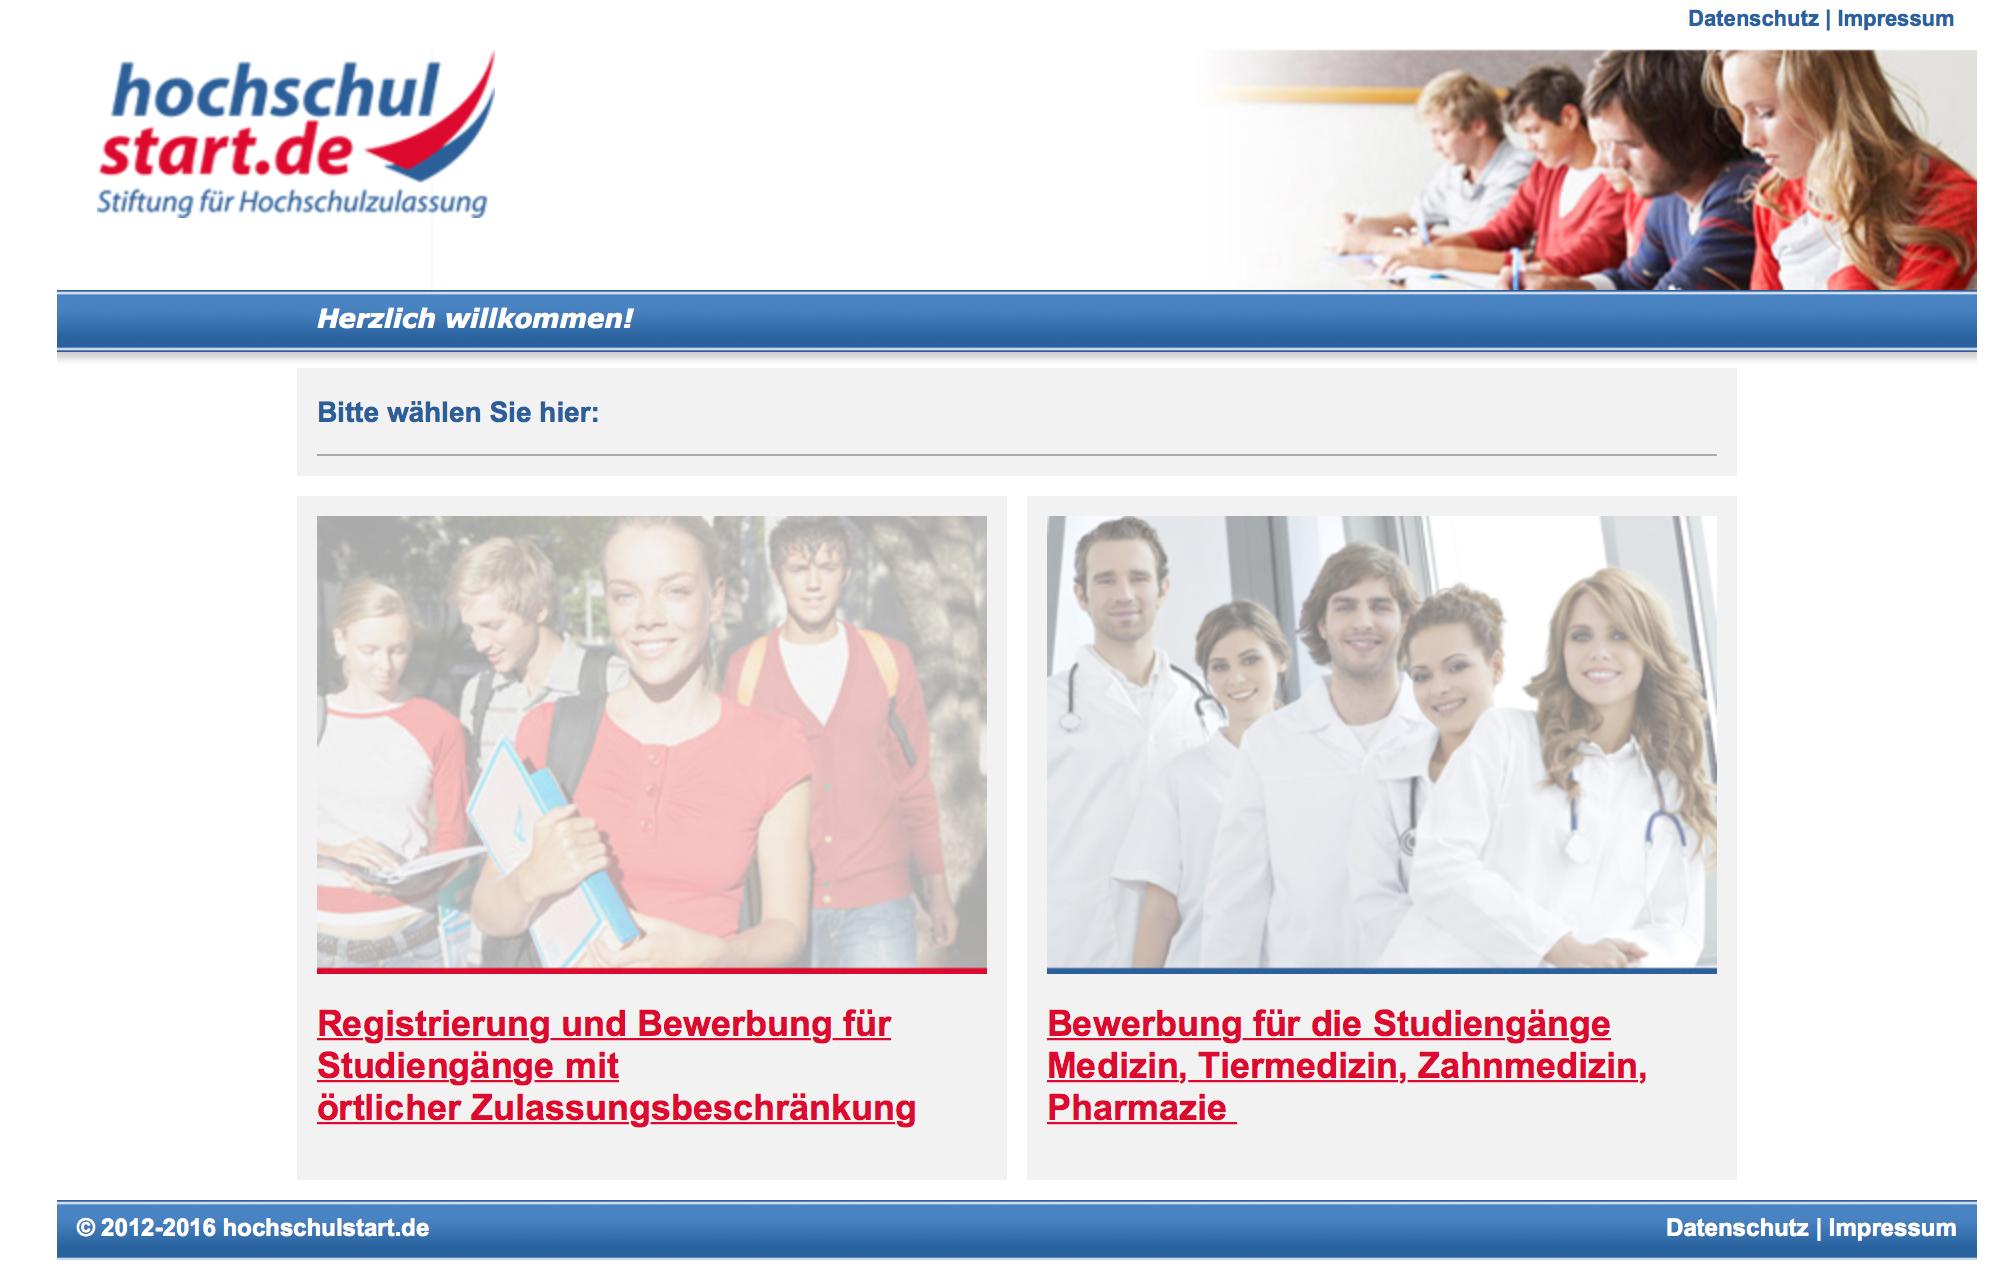 Der Webauftritt der Stiftung für Hochschulzulassung